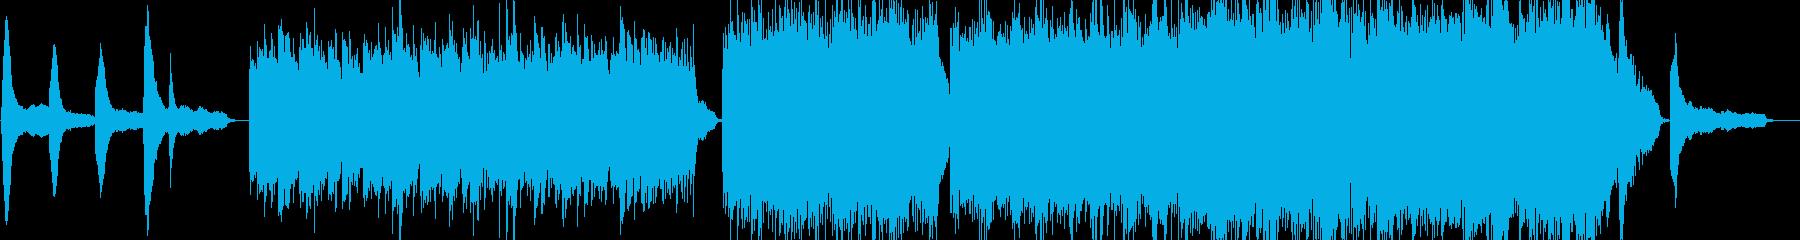 企業VP4 16bit44kHzVerの再生済みの波形